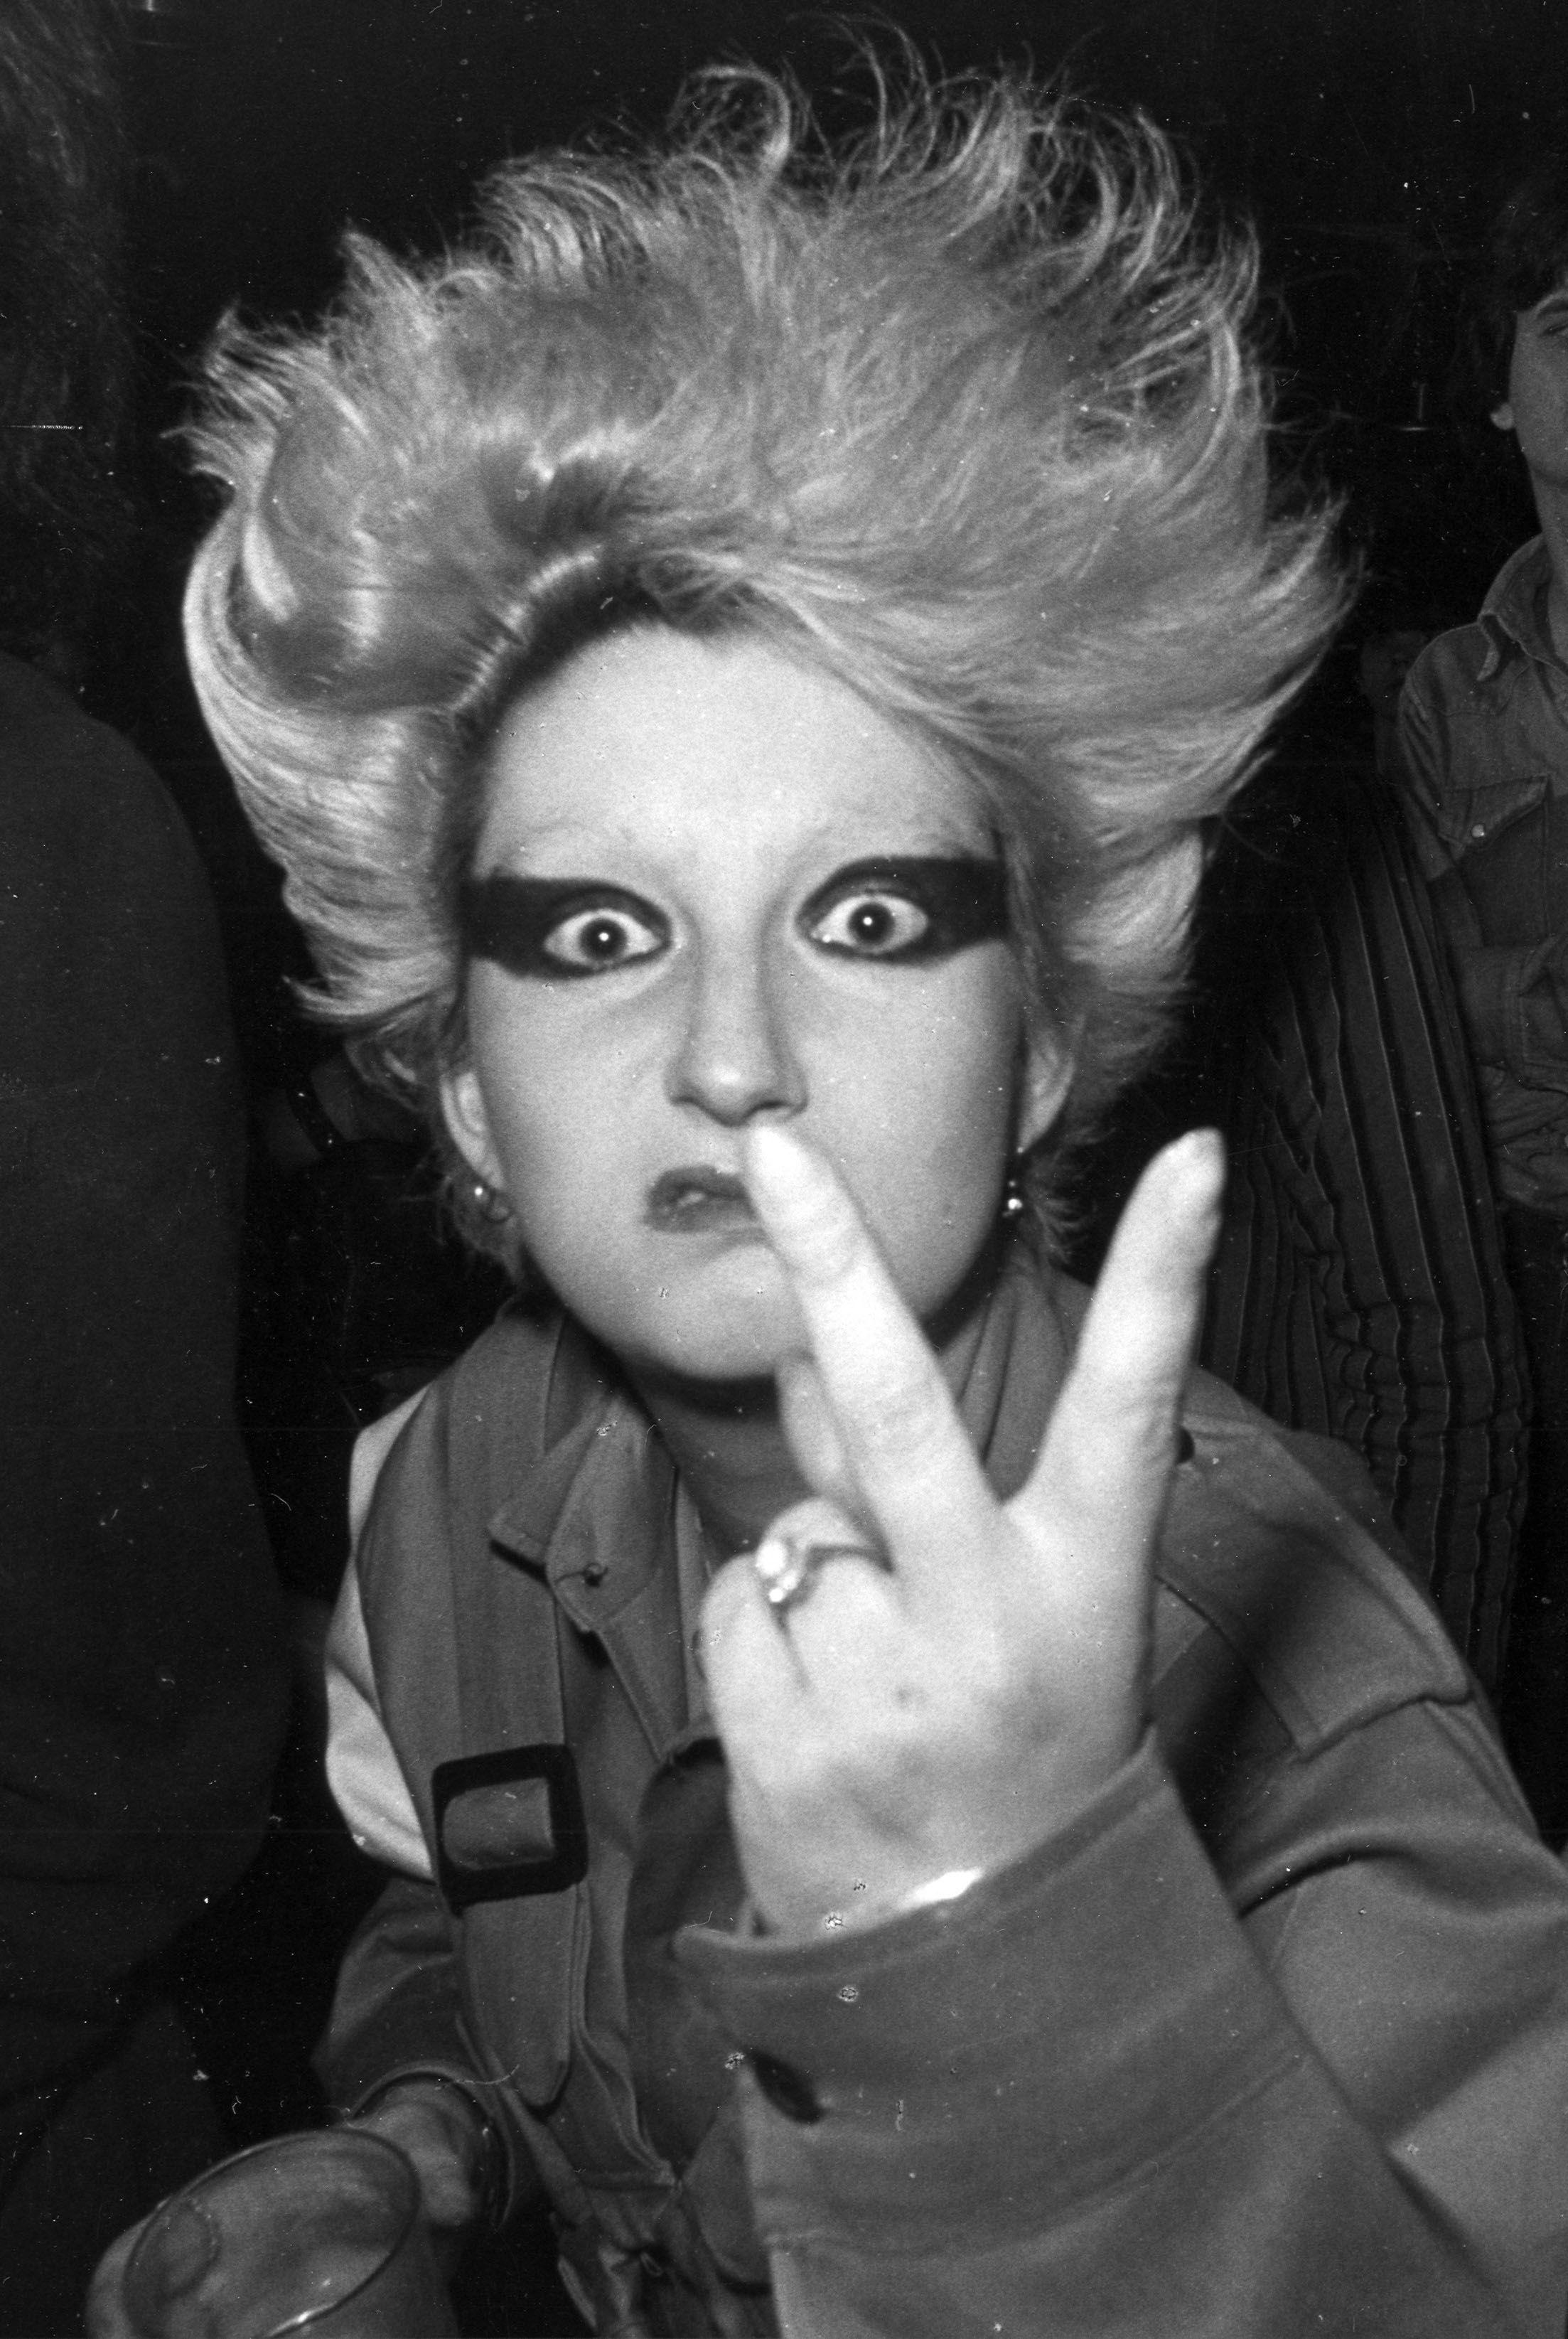 Jordan en una de sus imágenes icónicas de su etapa como musa del punk